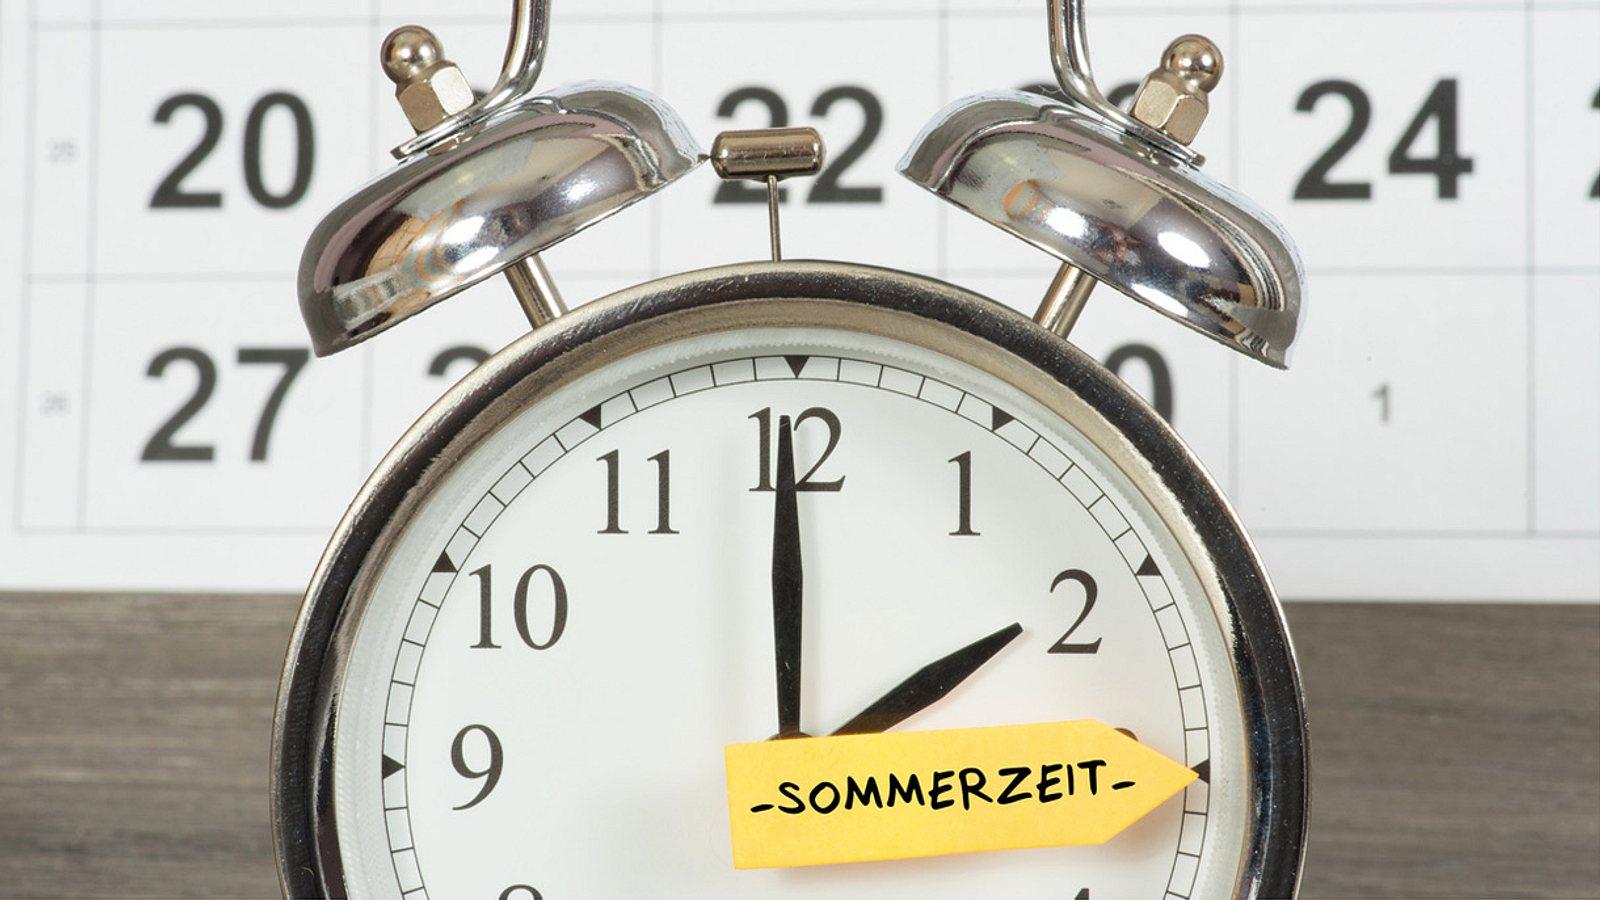 über Sommerzeit Abstimmen